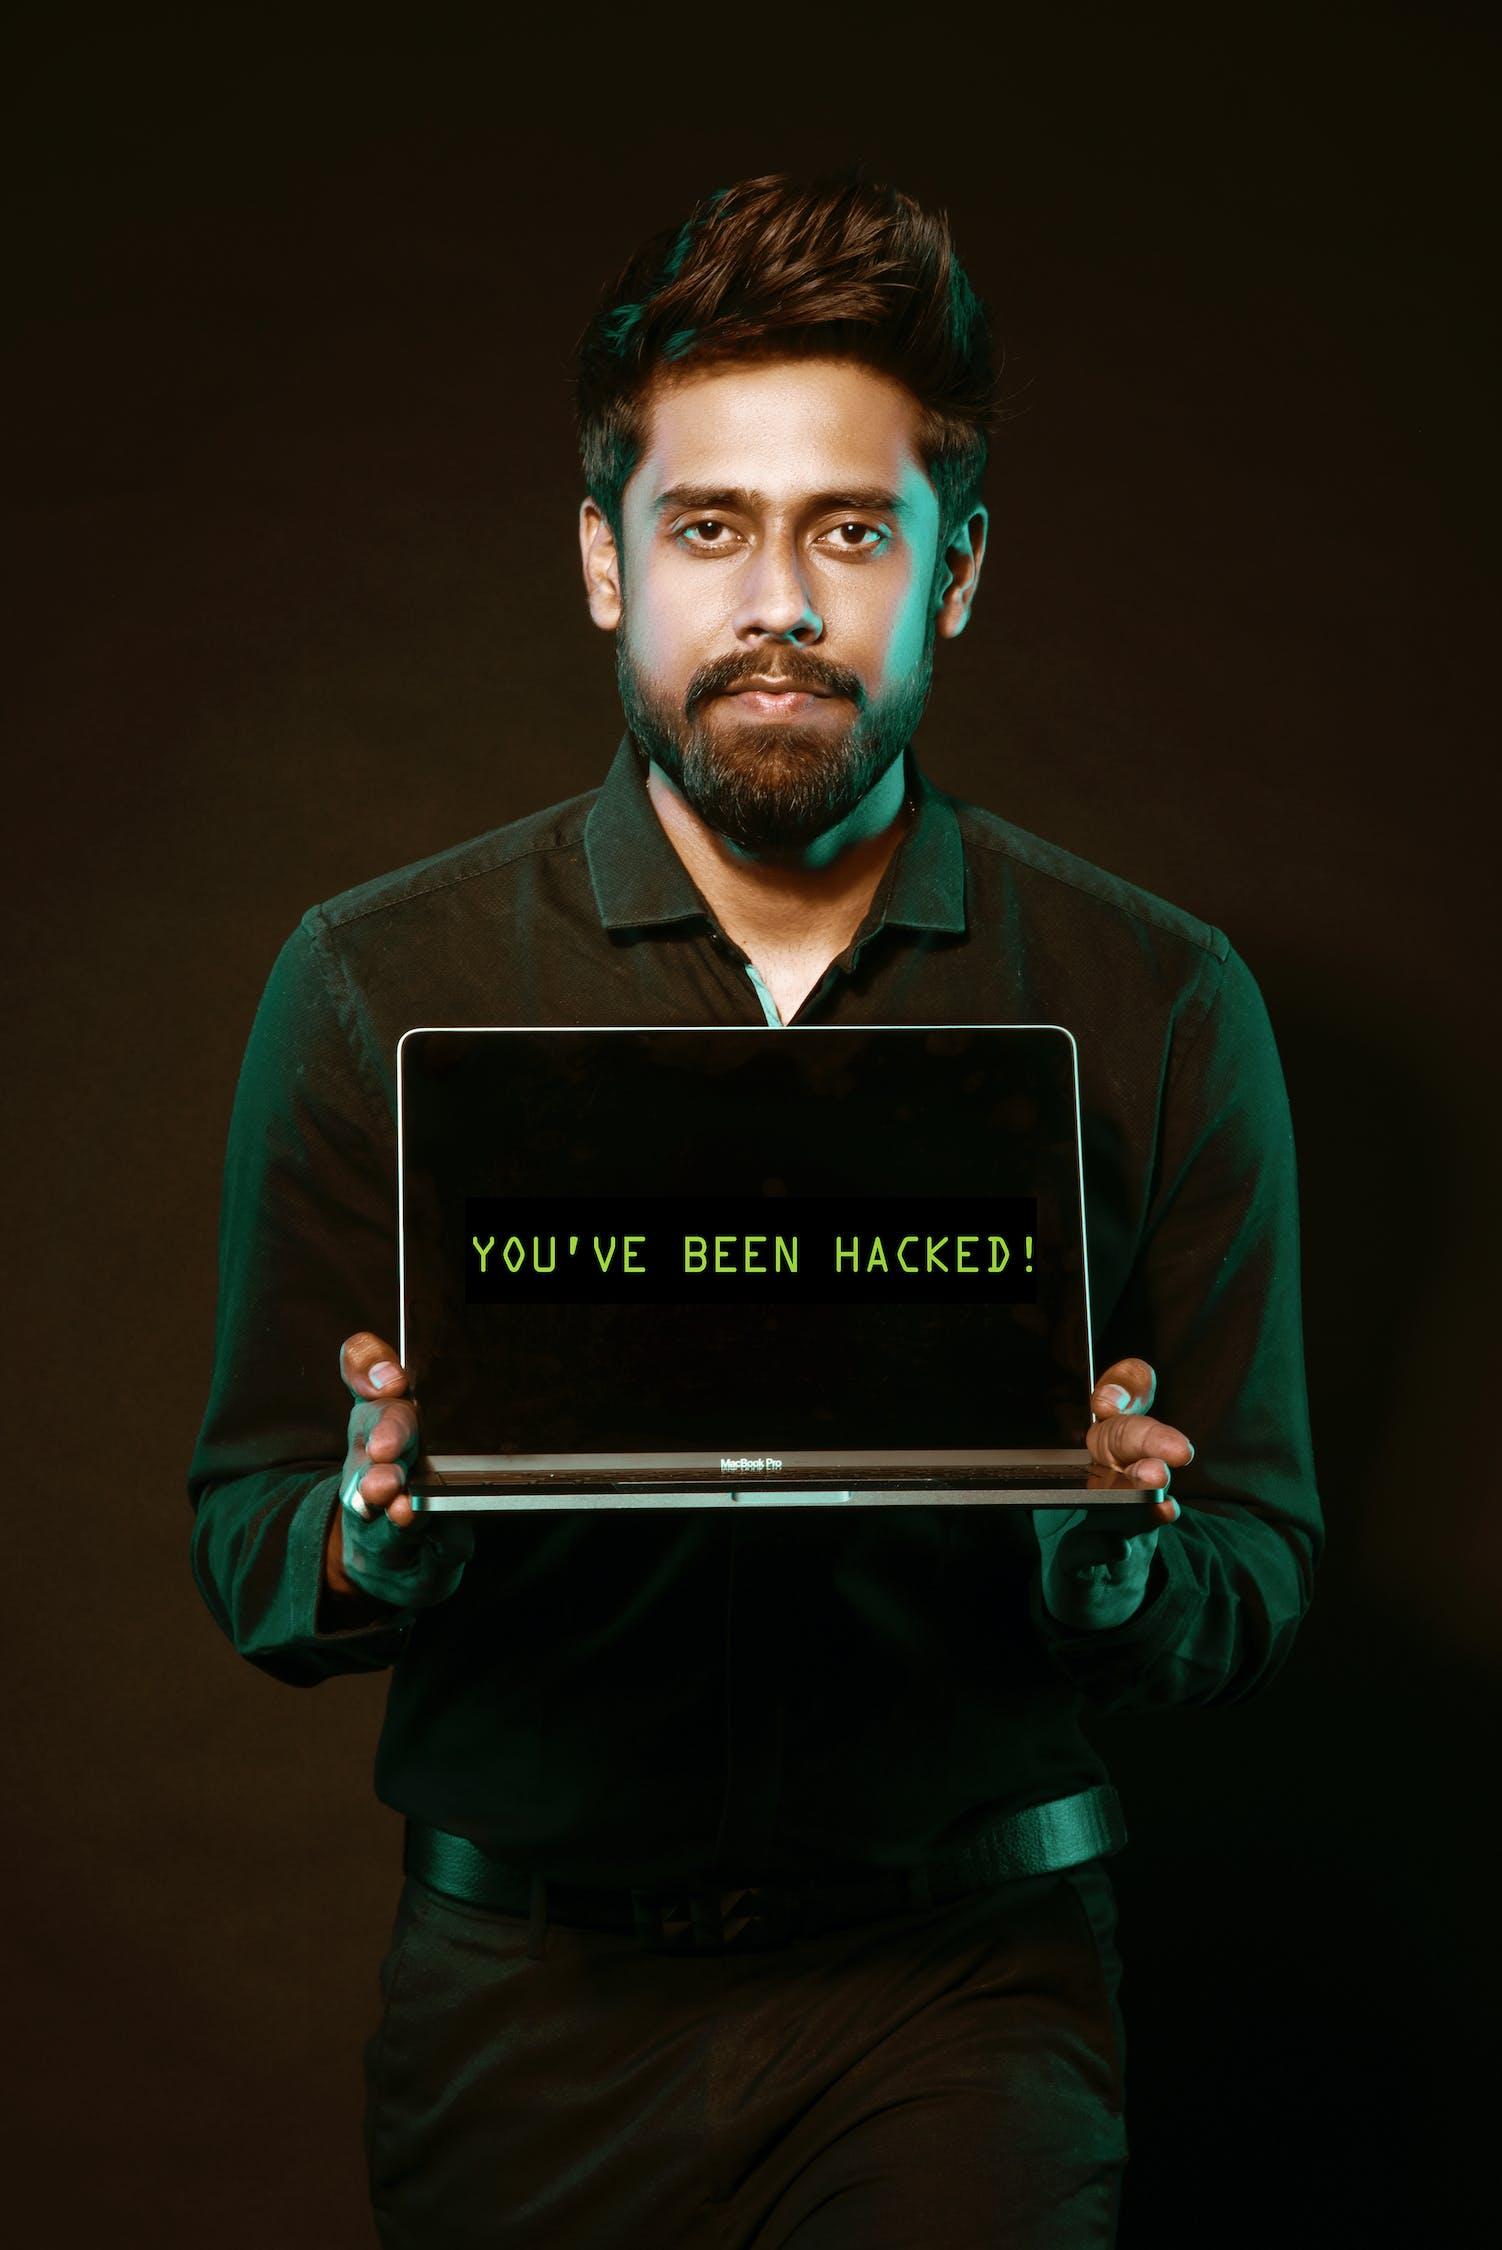 又一家管道公司遭勒索软件黑客攻击 70GB 信息泄露